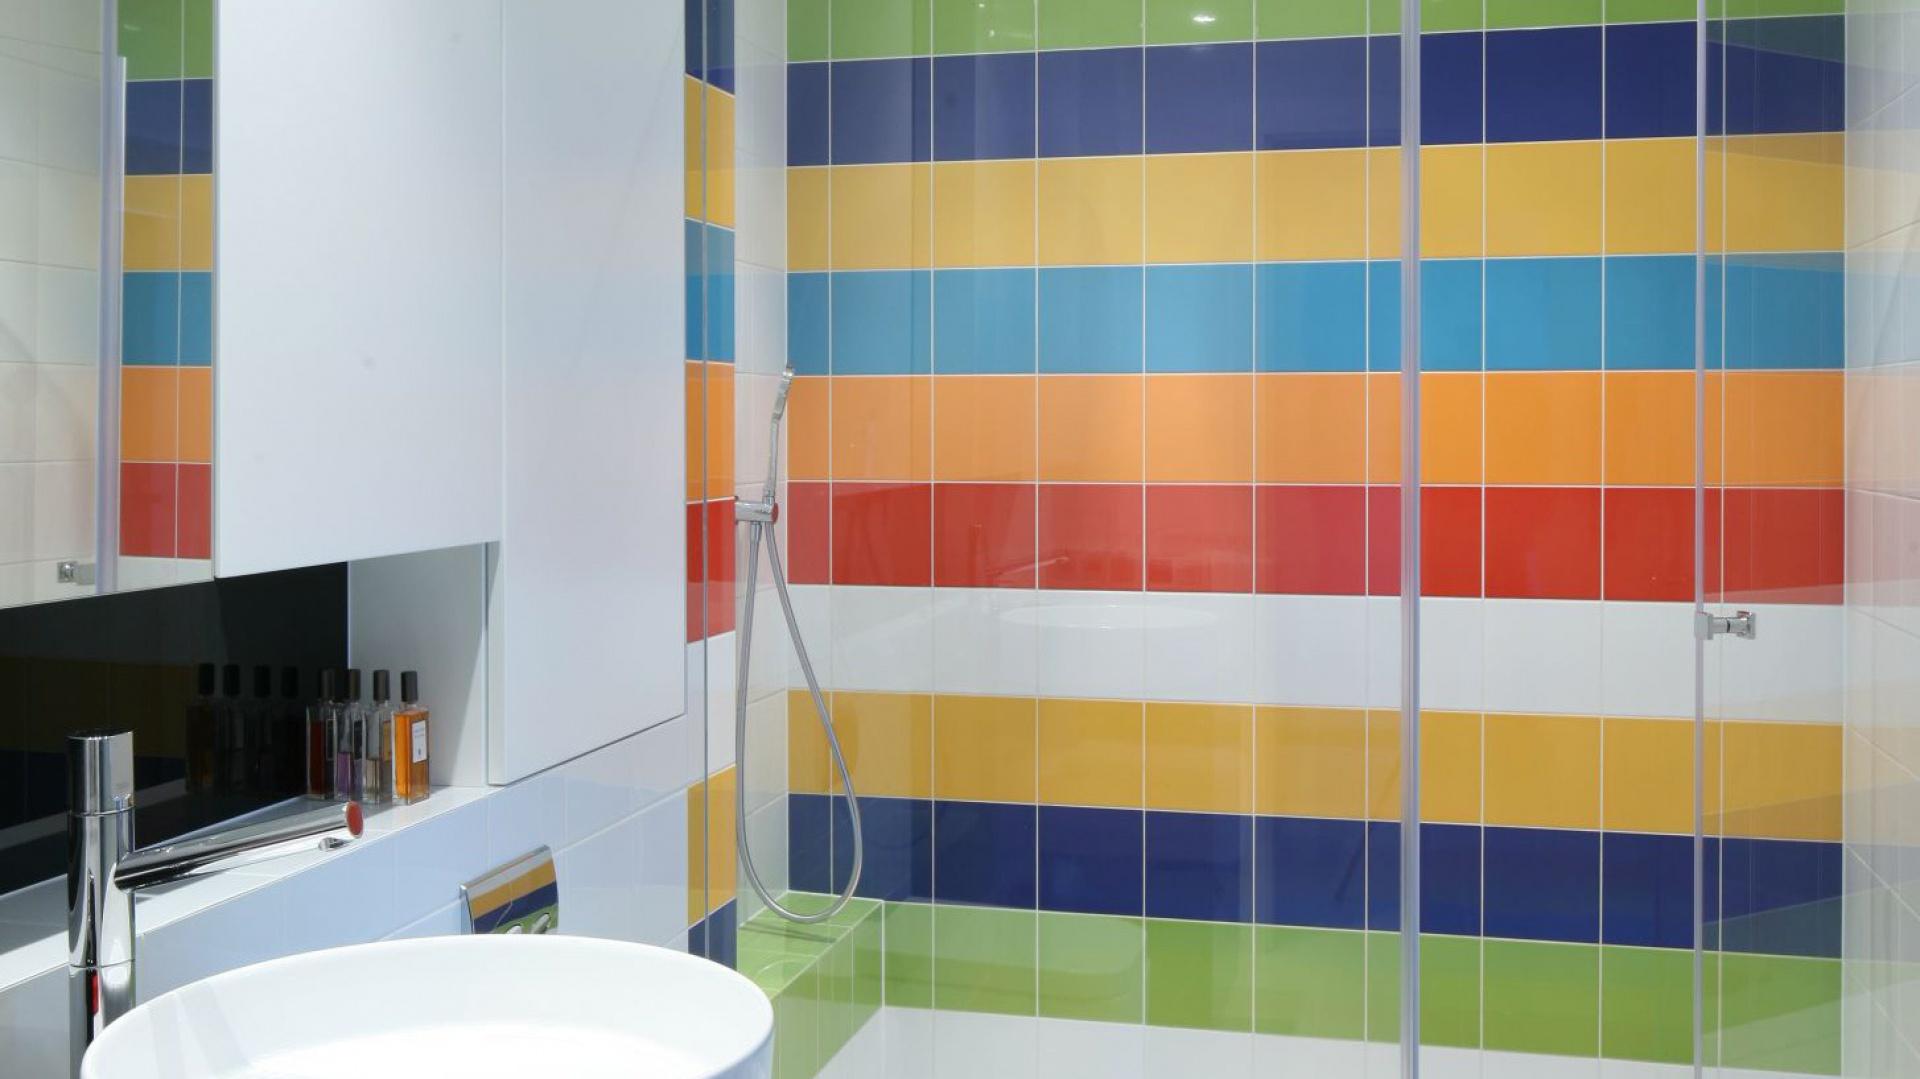 Łazienka jest bardzo odważną kompozycją barwnych zestawień. Mnogość kolorów płytek ceramicznych wraz  z białymi ścianami i czarną szafką podumywalkową tworzą spójną stylistycznie całość. Projekt Katarzyna Kiełek, Agnieszka Komorowska-Różycka. Fot. Bartosz Jarosz.